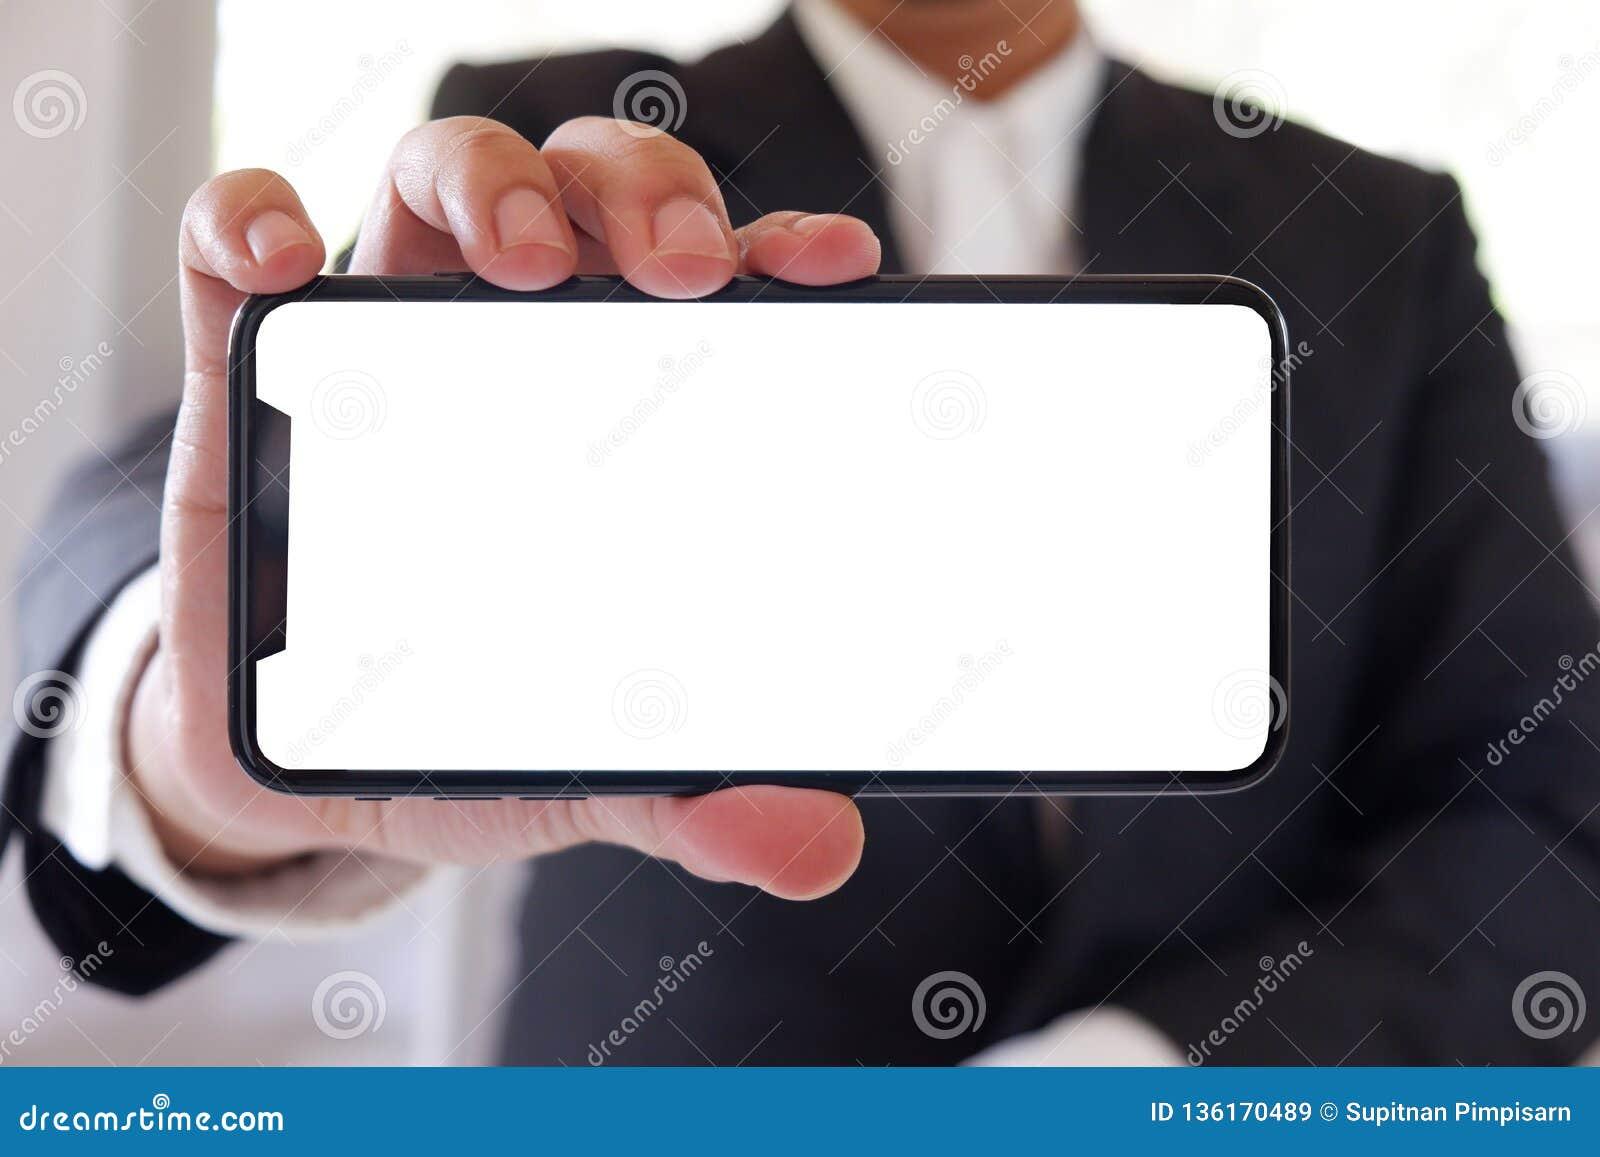 Μπροστινή κενή άσπρη οθόνη smartphone εκμετάλλευσης επιχειρηματιών για το κείμενο ή την εικόνα σας